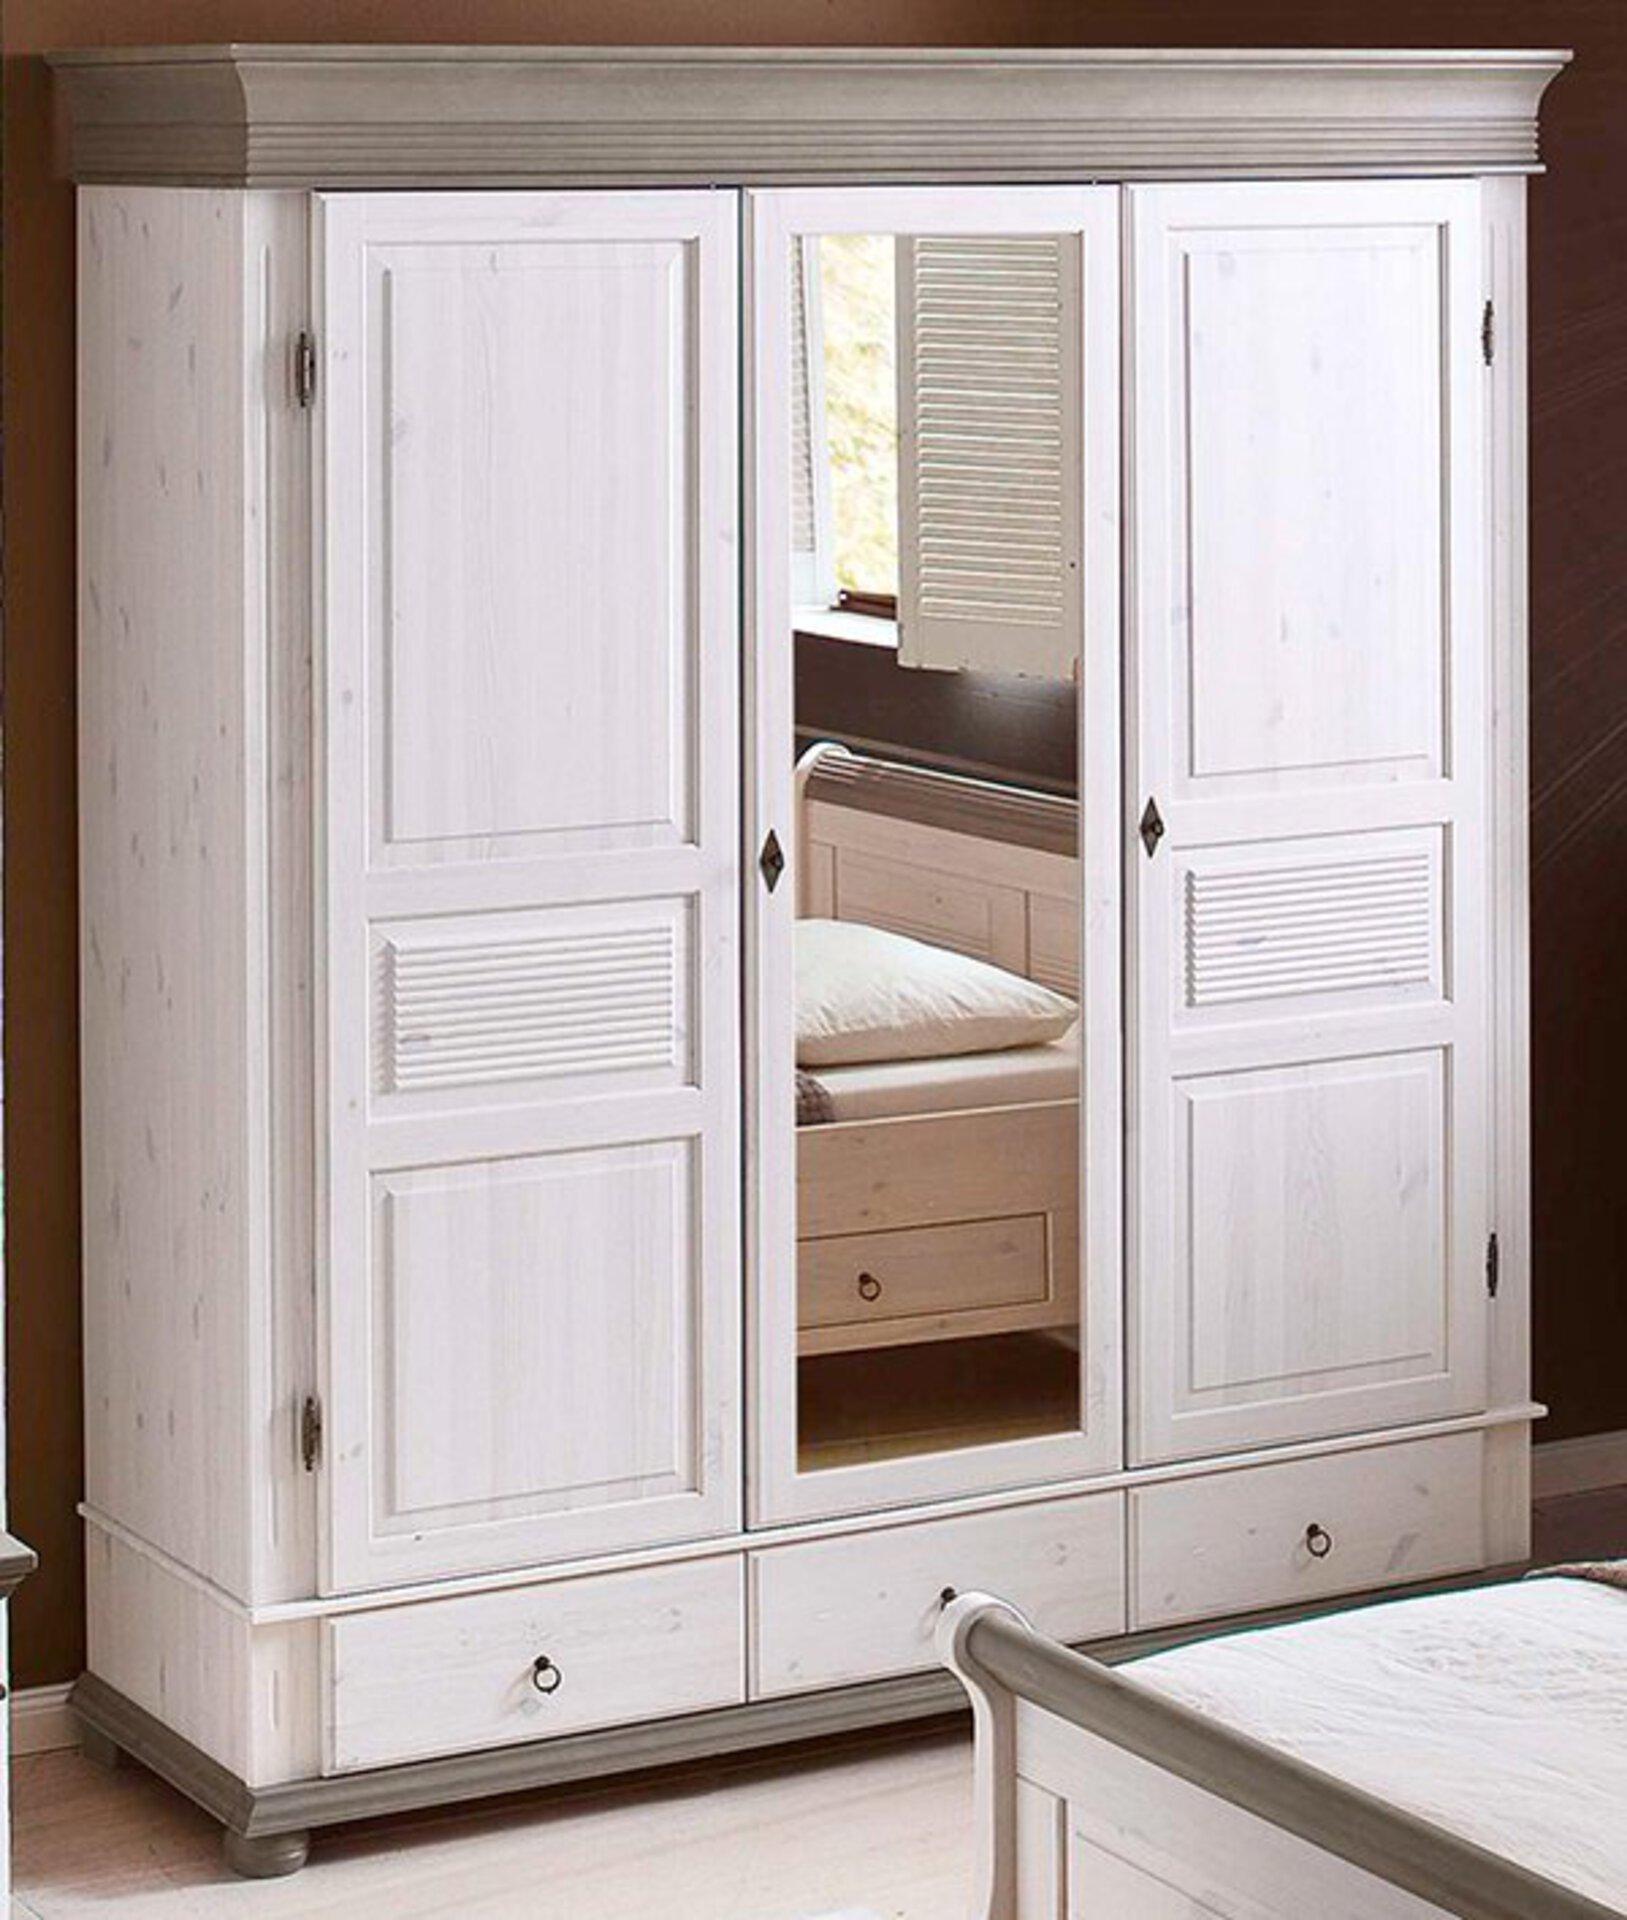 Kleiderschrank OSLO Dreamoro Holz weiß